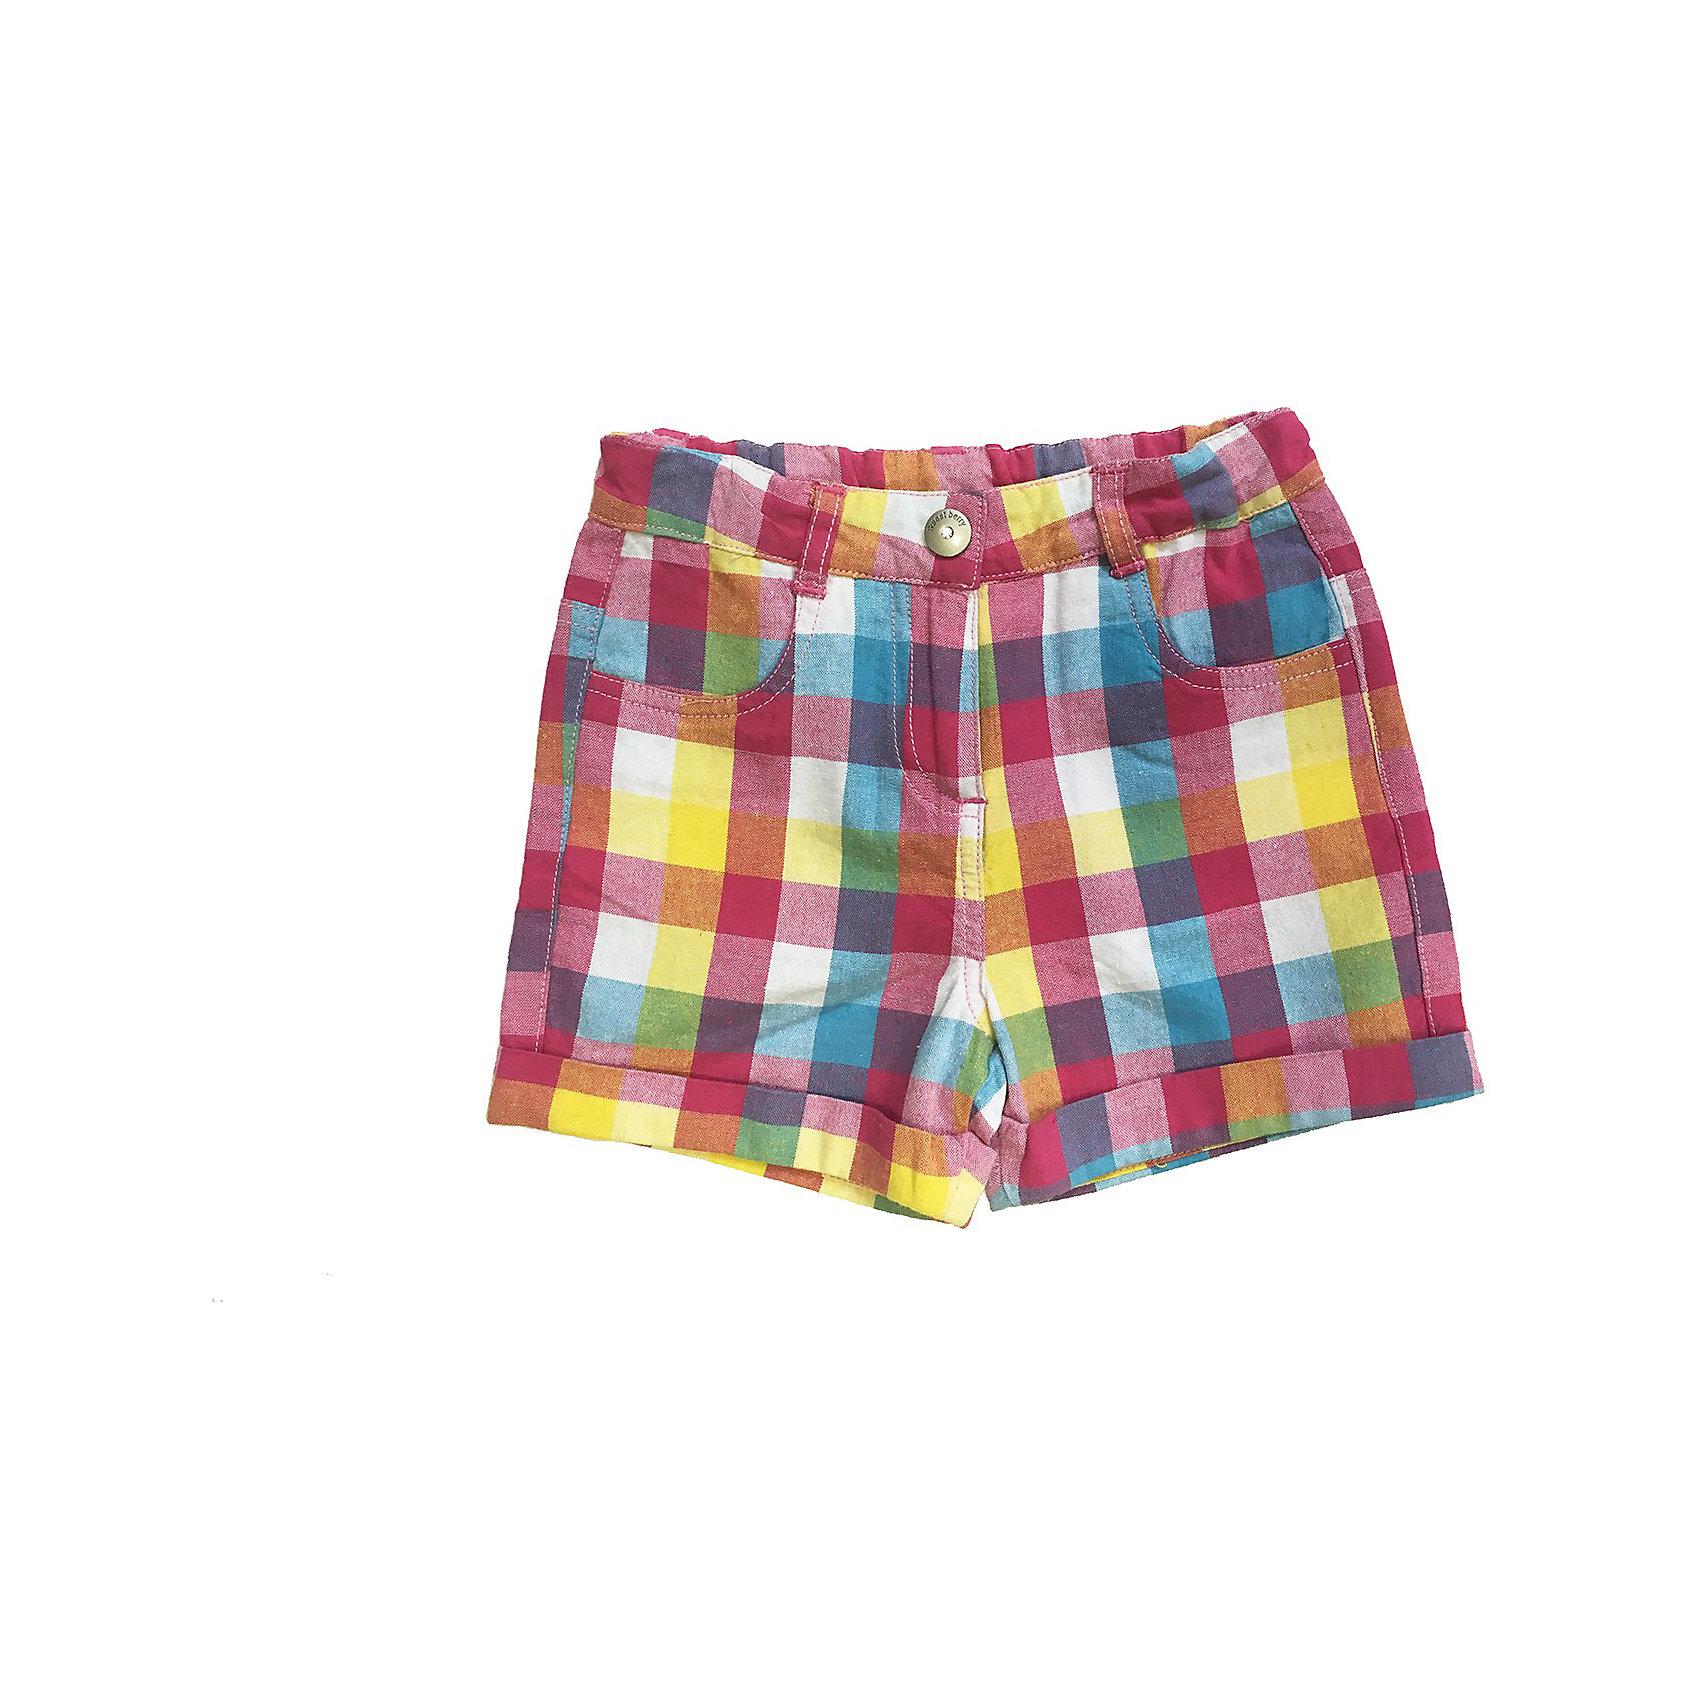 Шорты для девочки Sweet BerryШорты, бриджи, капри<br>Яркие шорты на девочку, из тонкого хлопка, принтованные в клетку, с отворотами и с удобной застежкой - на крючок.<br>Состав:<br>100% хлопок<br><br>Ширина мм: 191<br>Глубина мм: 10<br>Высота мм: 175<br>Вес г: 273<br>Цвет: разноцветный<br>Возраст от месяцев: 9<br>Возраст до месяцев: 12<br>Пол: Женский<br>Возраст: Детский<br>Размер: 80,86,98,92<br>SKU: 4520533